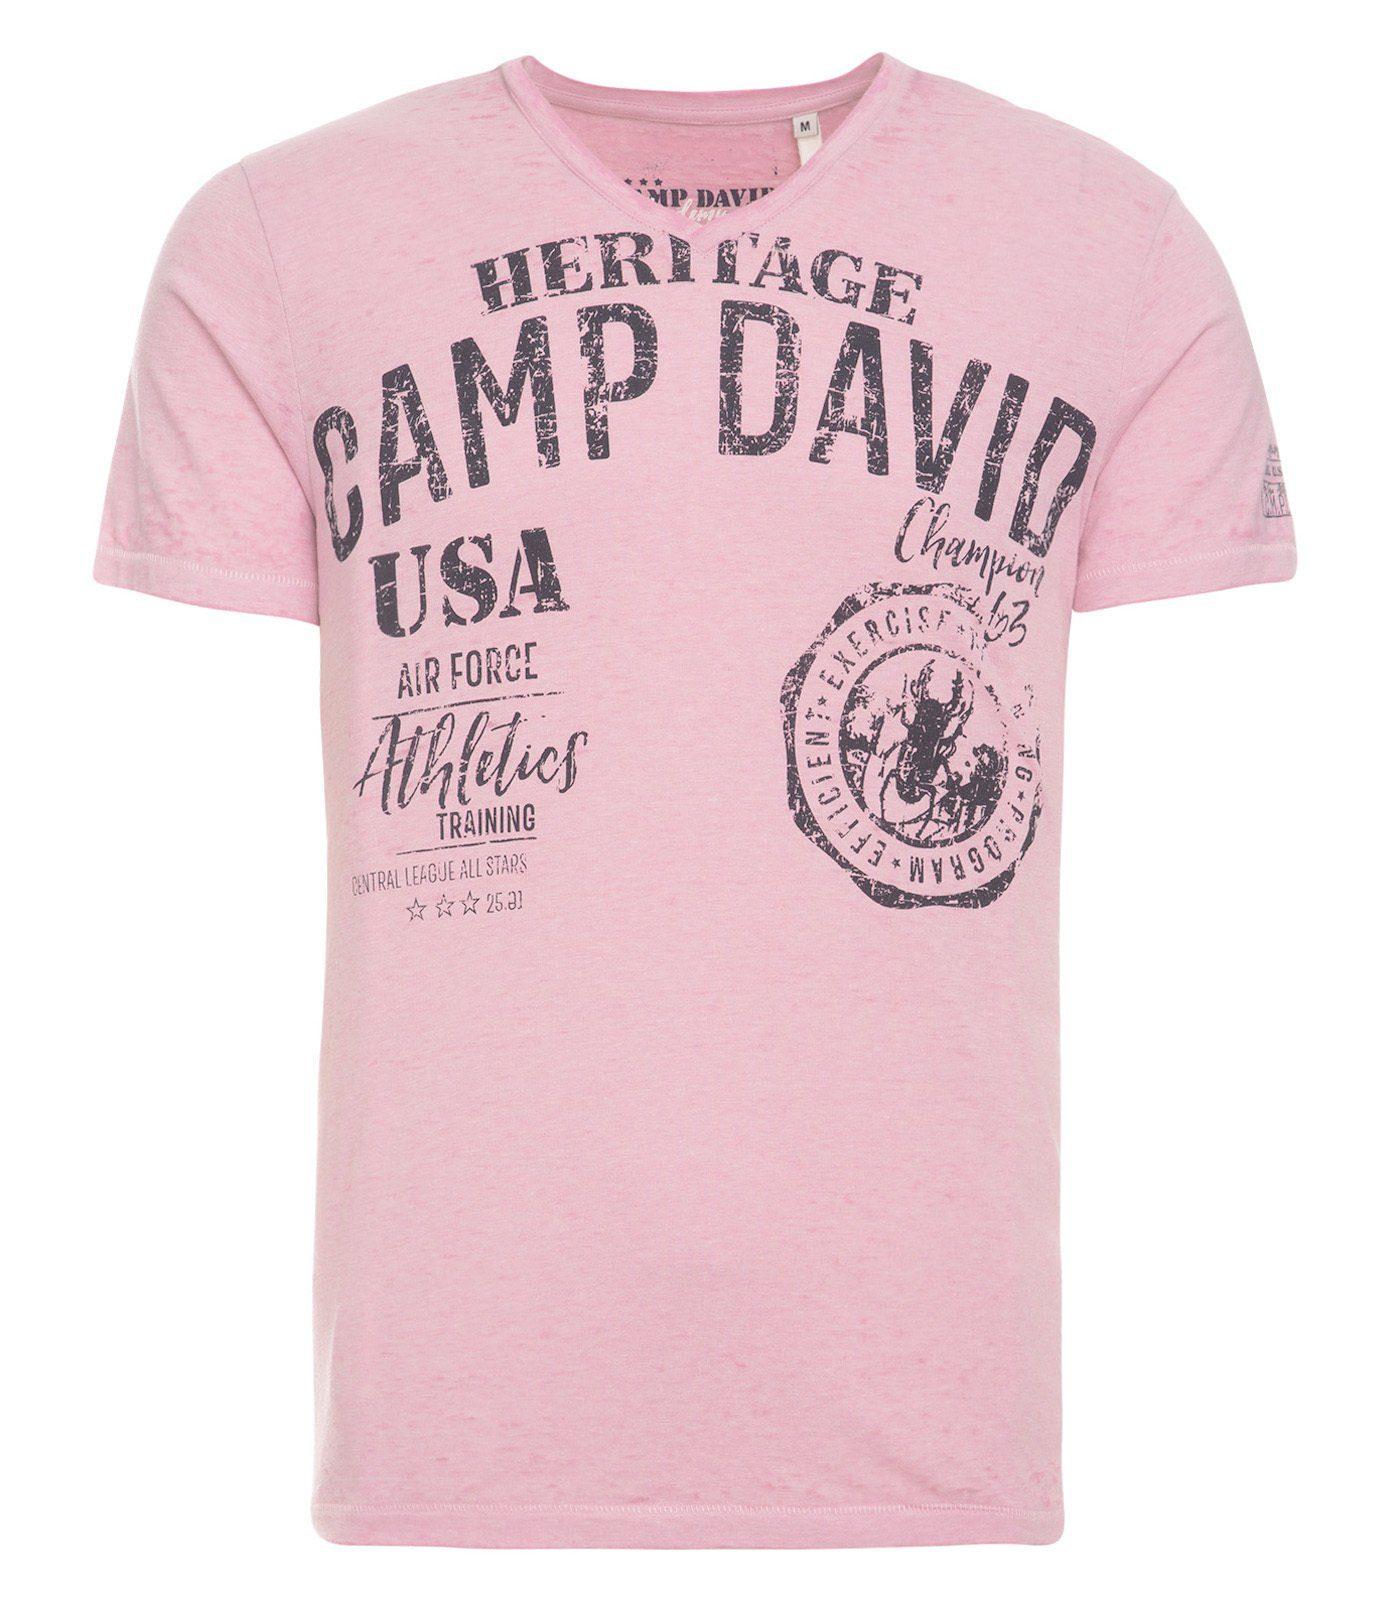 KaufenOtto Mit Shirt Camp David Applikationen T Online n0wPOk